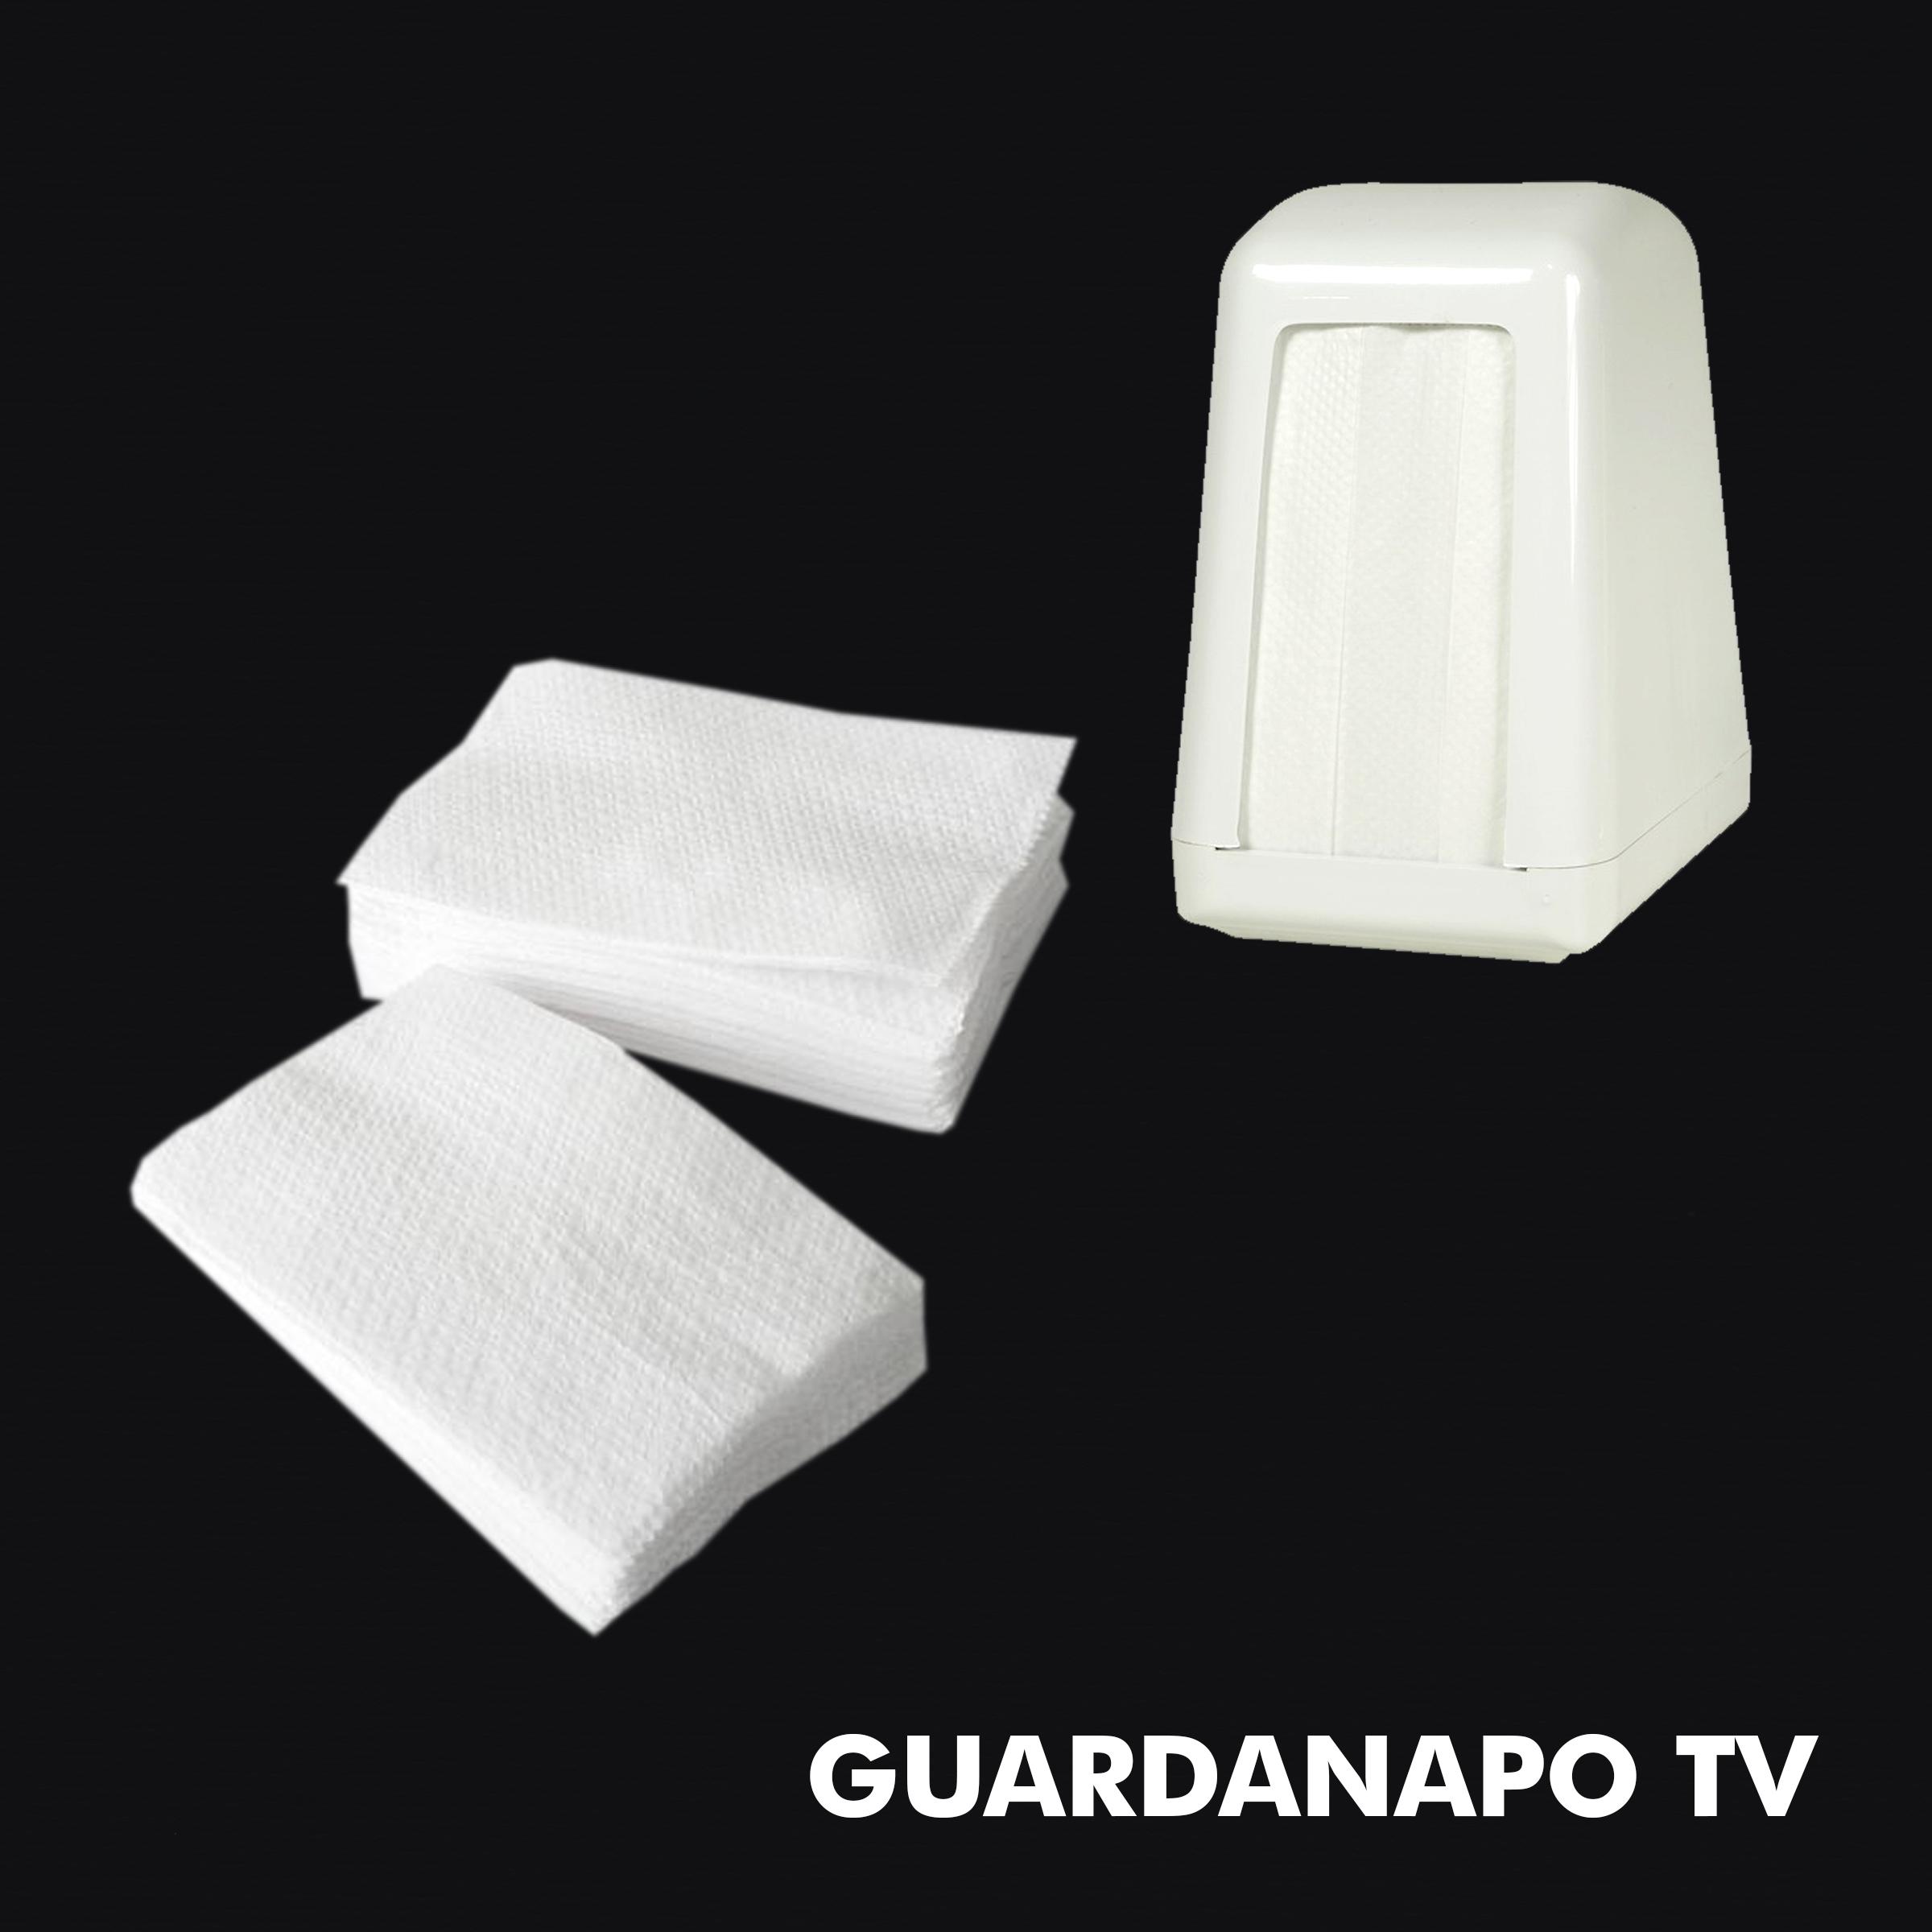 Guardanapo TV - RF